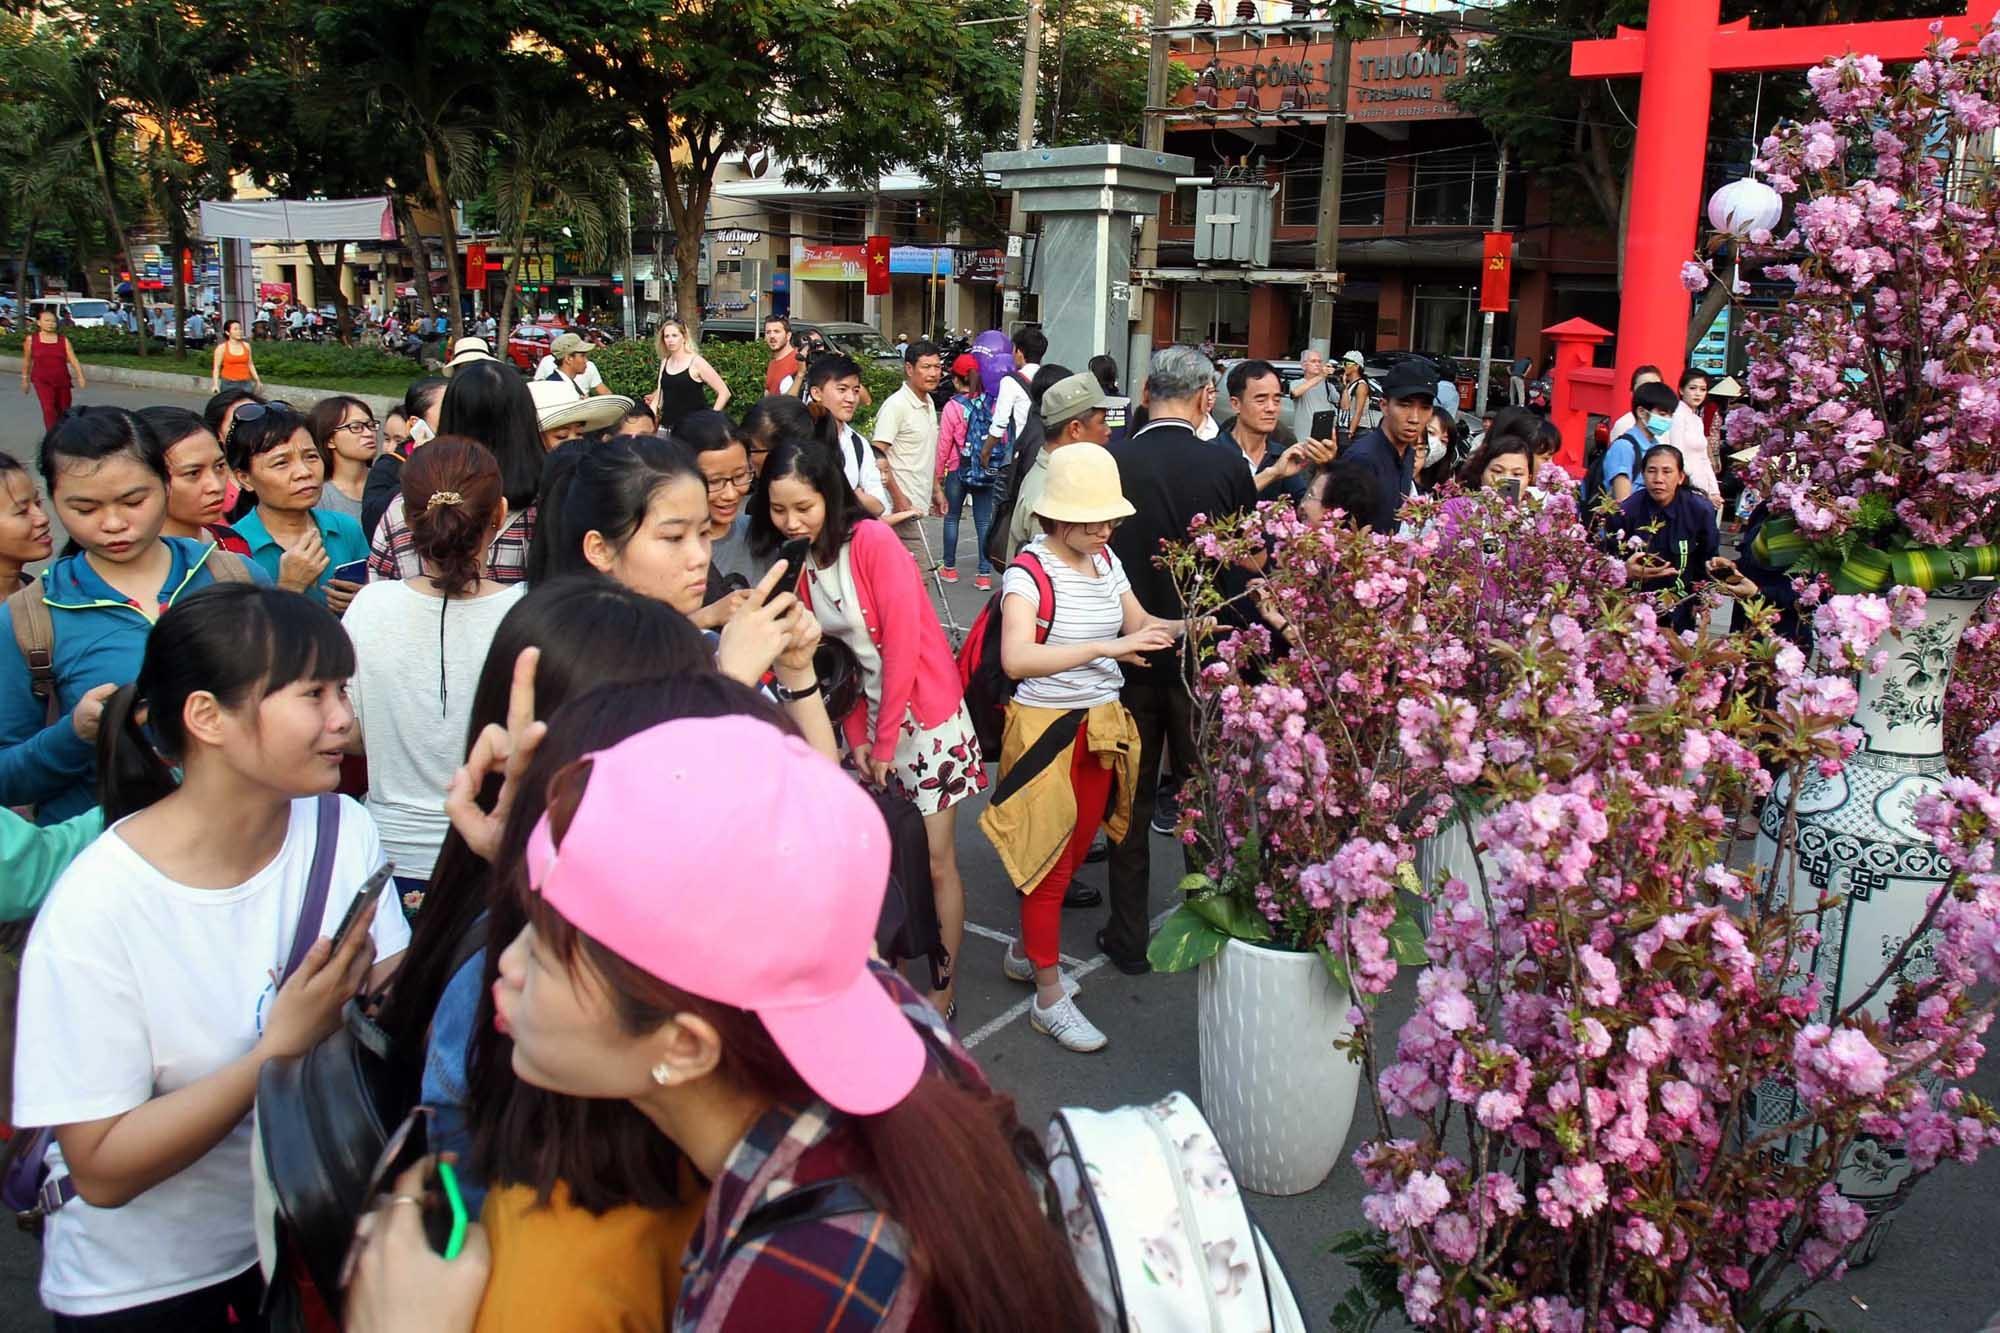 Hàng trăm người dân tại TPHCM tới chiêm ngưỡng hoa anh đào Nhật Bản tại công viên 23/9.